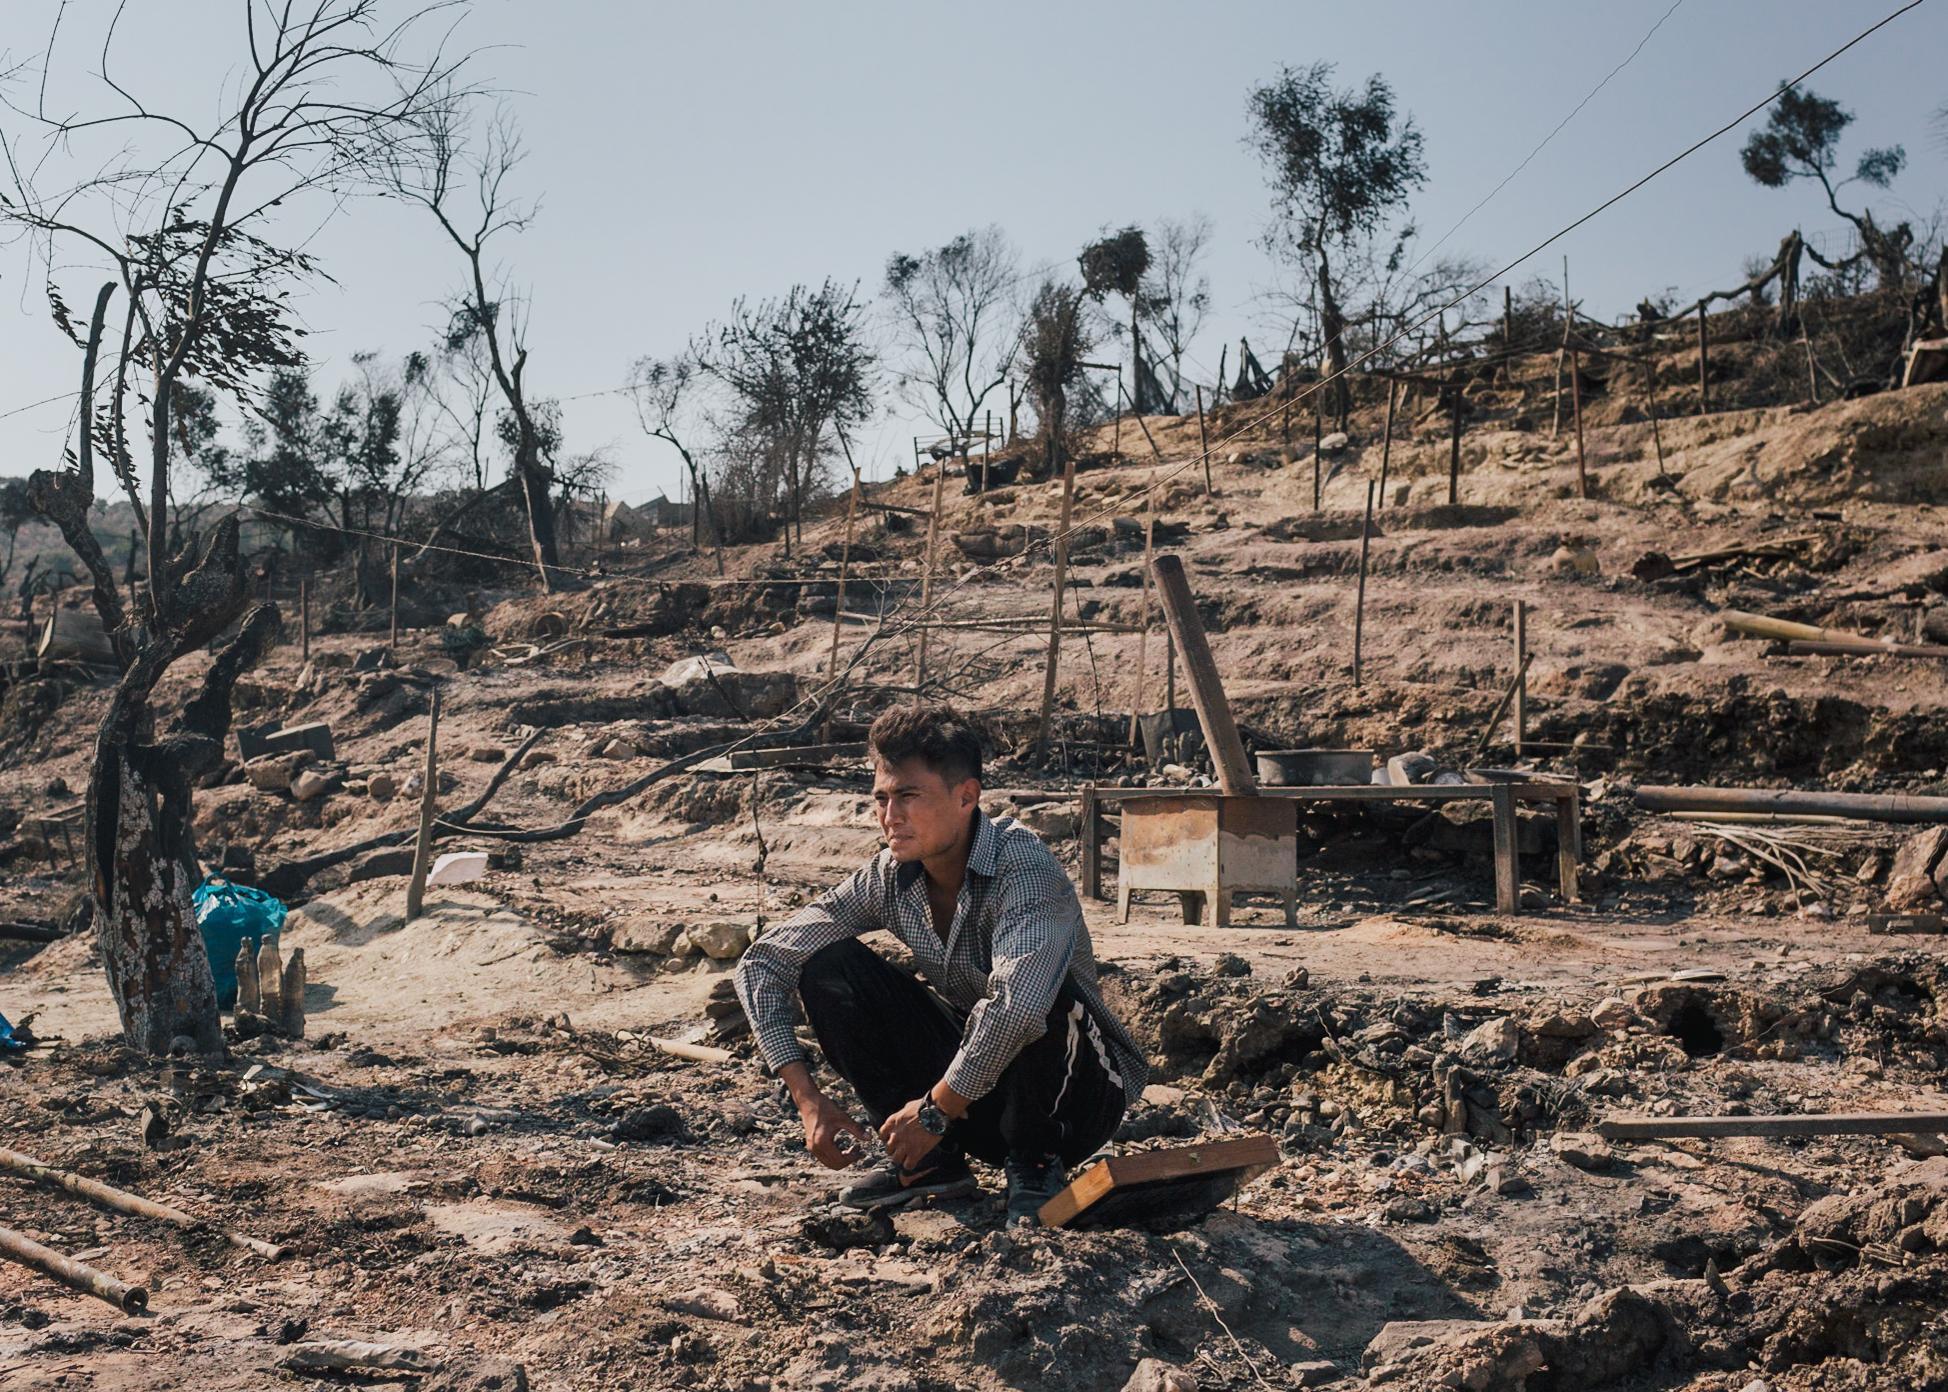 Fardi aus Afghanistan an der Stelle im verbrannten Lager, wo einst sein Zelt standt.